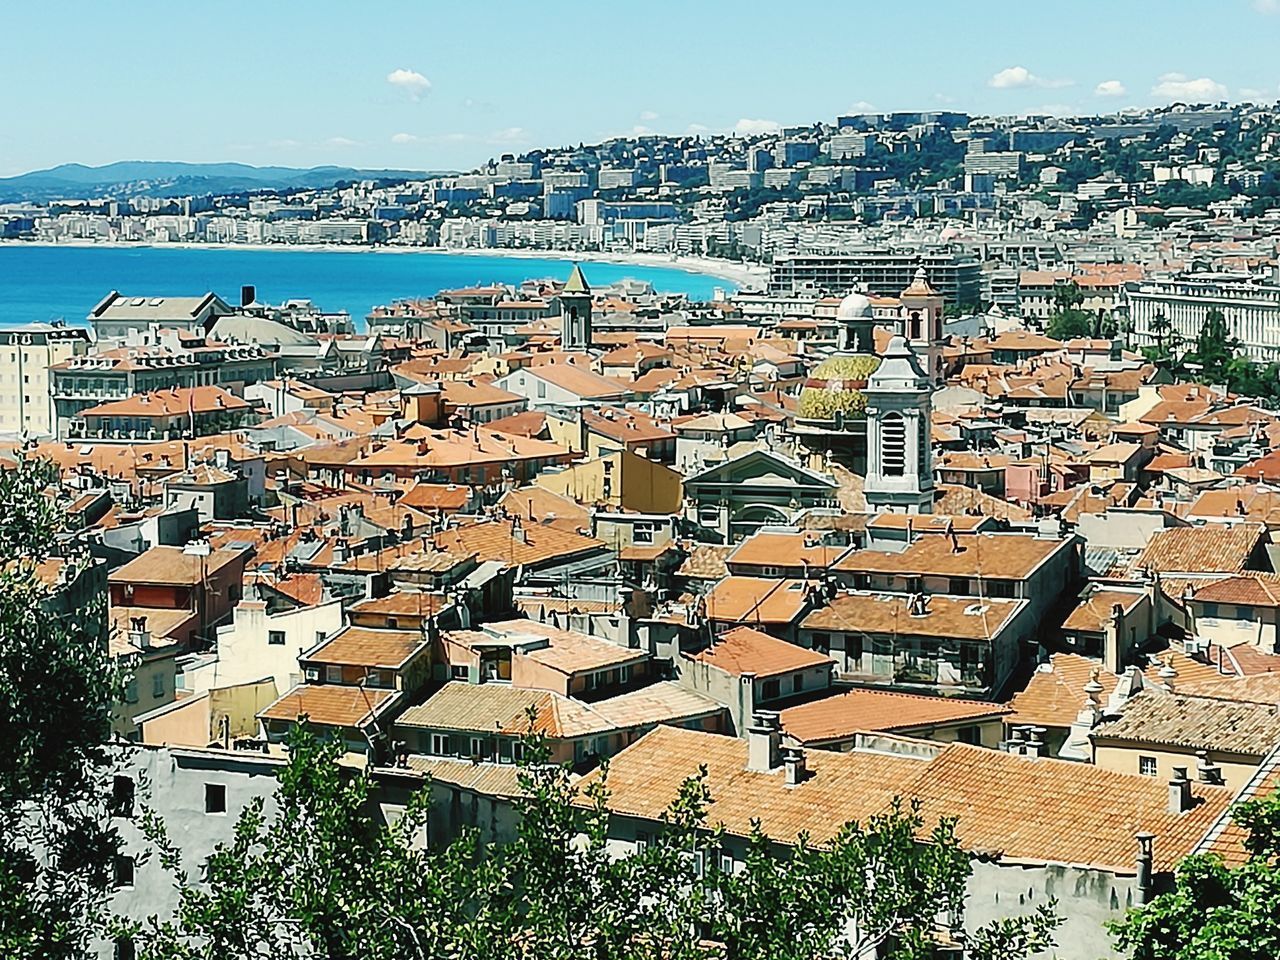 Sea Nature No People Day Sky Côte D'Azur Ausblick View über Den Dächern Von Nizza Above The Roofs Travel Destinations Beach Landscape Cityscape City View  Roofs